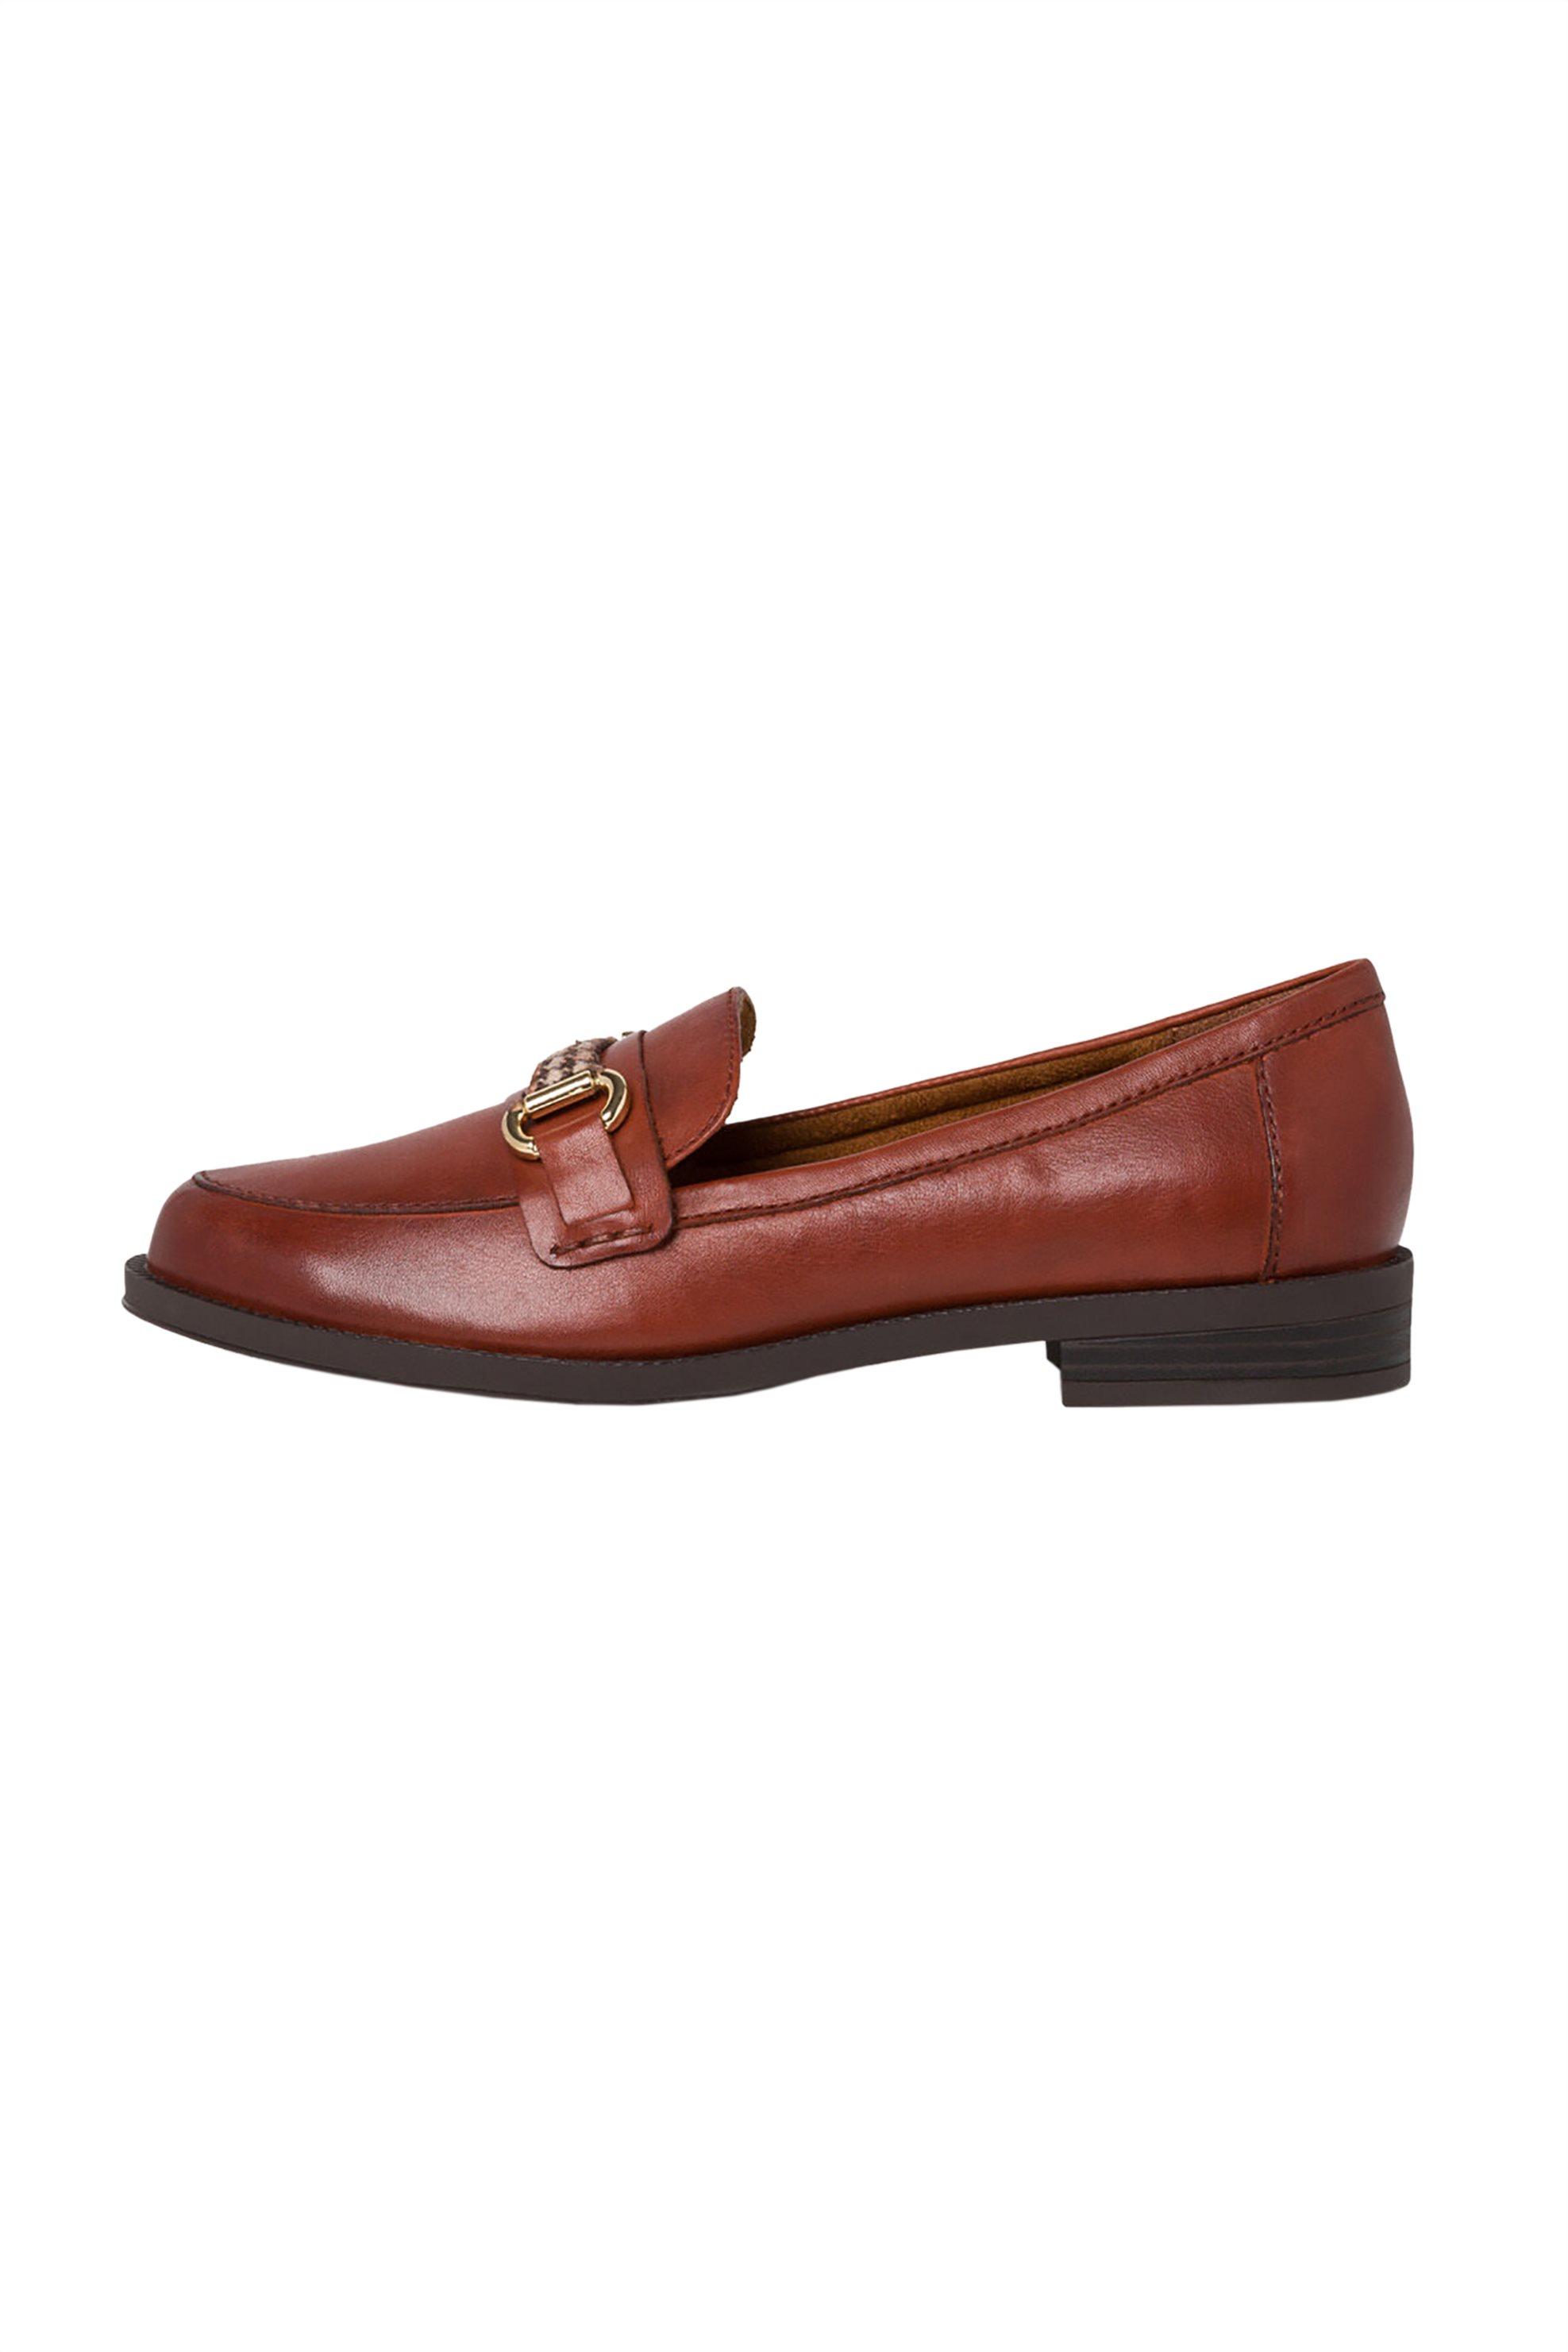 Tamaris γυναικεία παπούτσια με μεταλλική αγκράφα – 1-1-24201-25 – Ταμπά